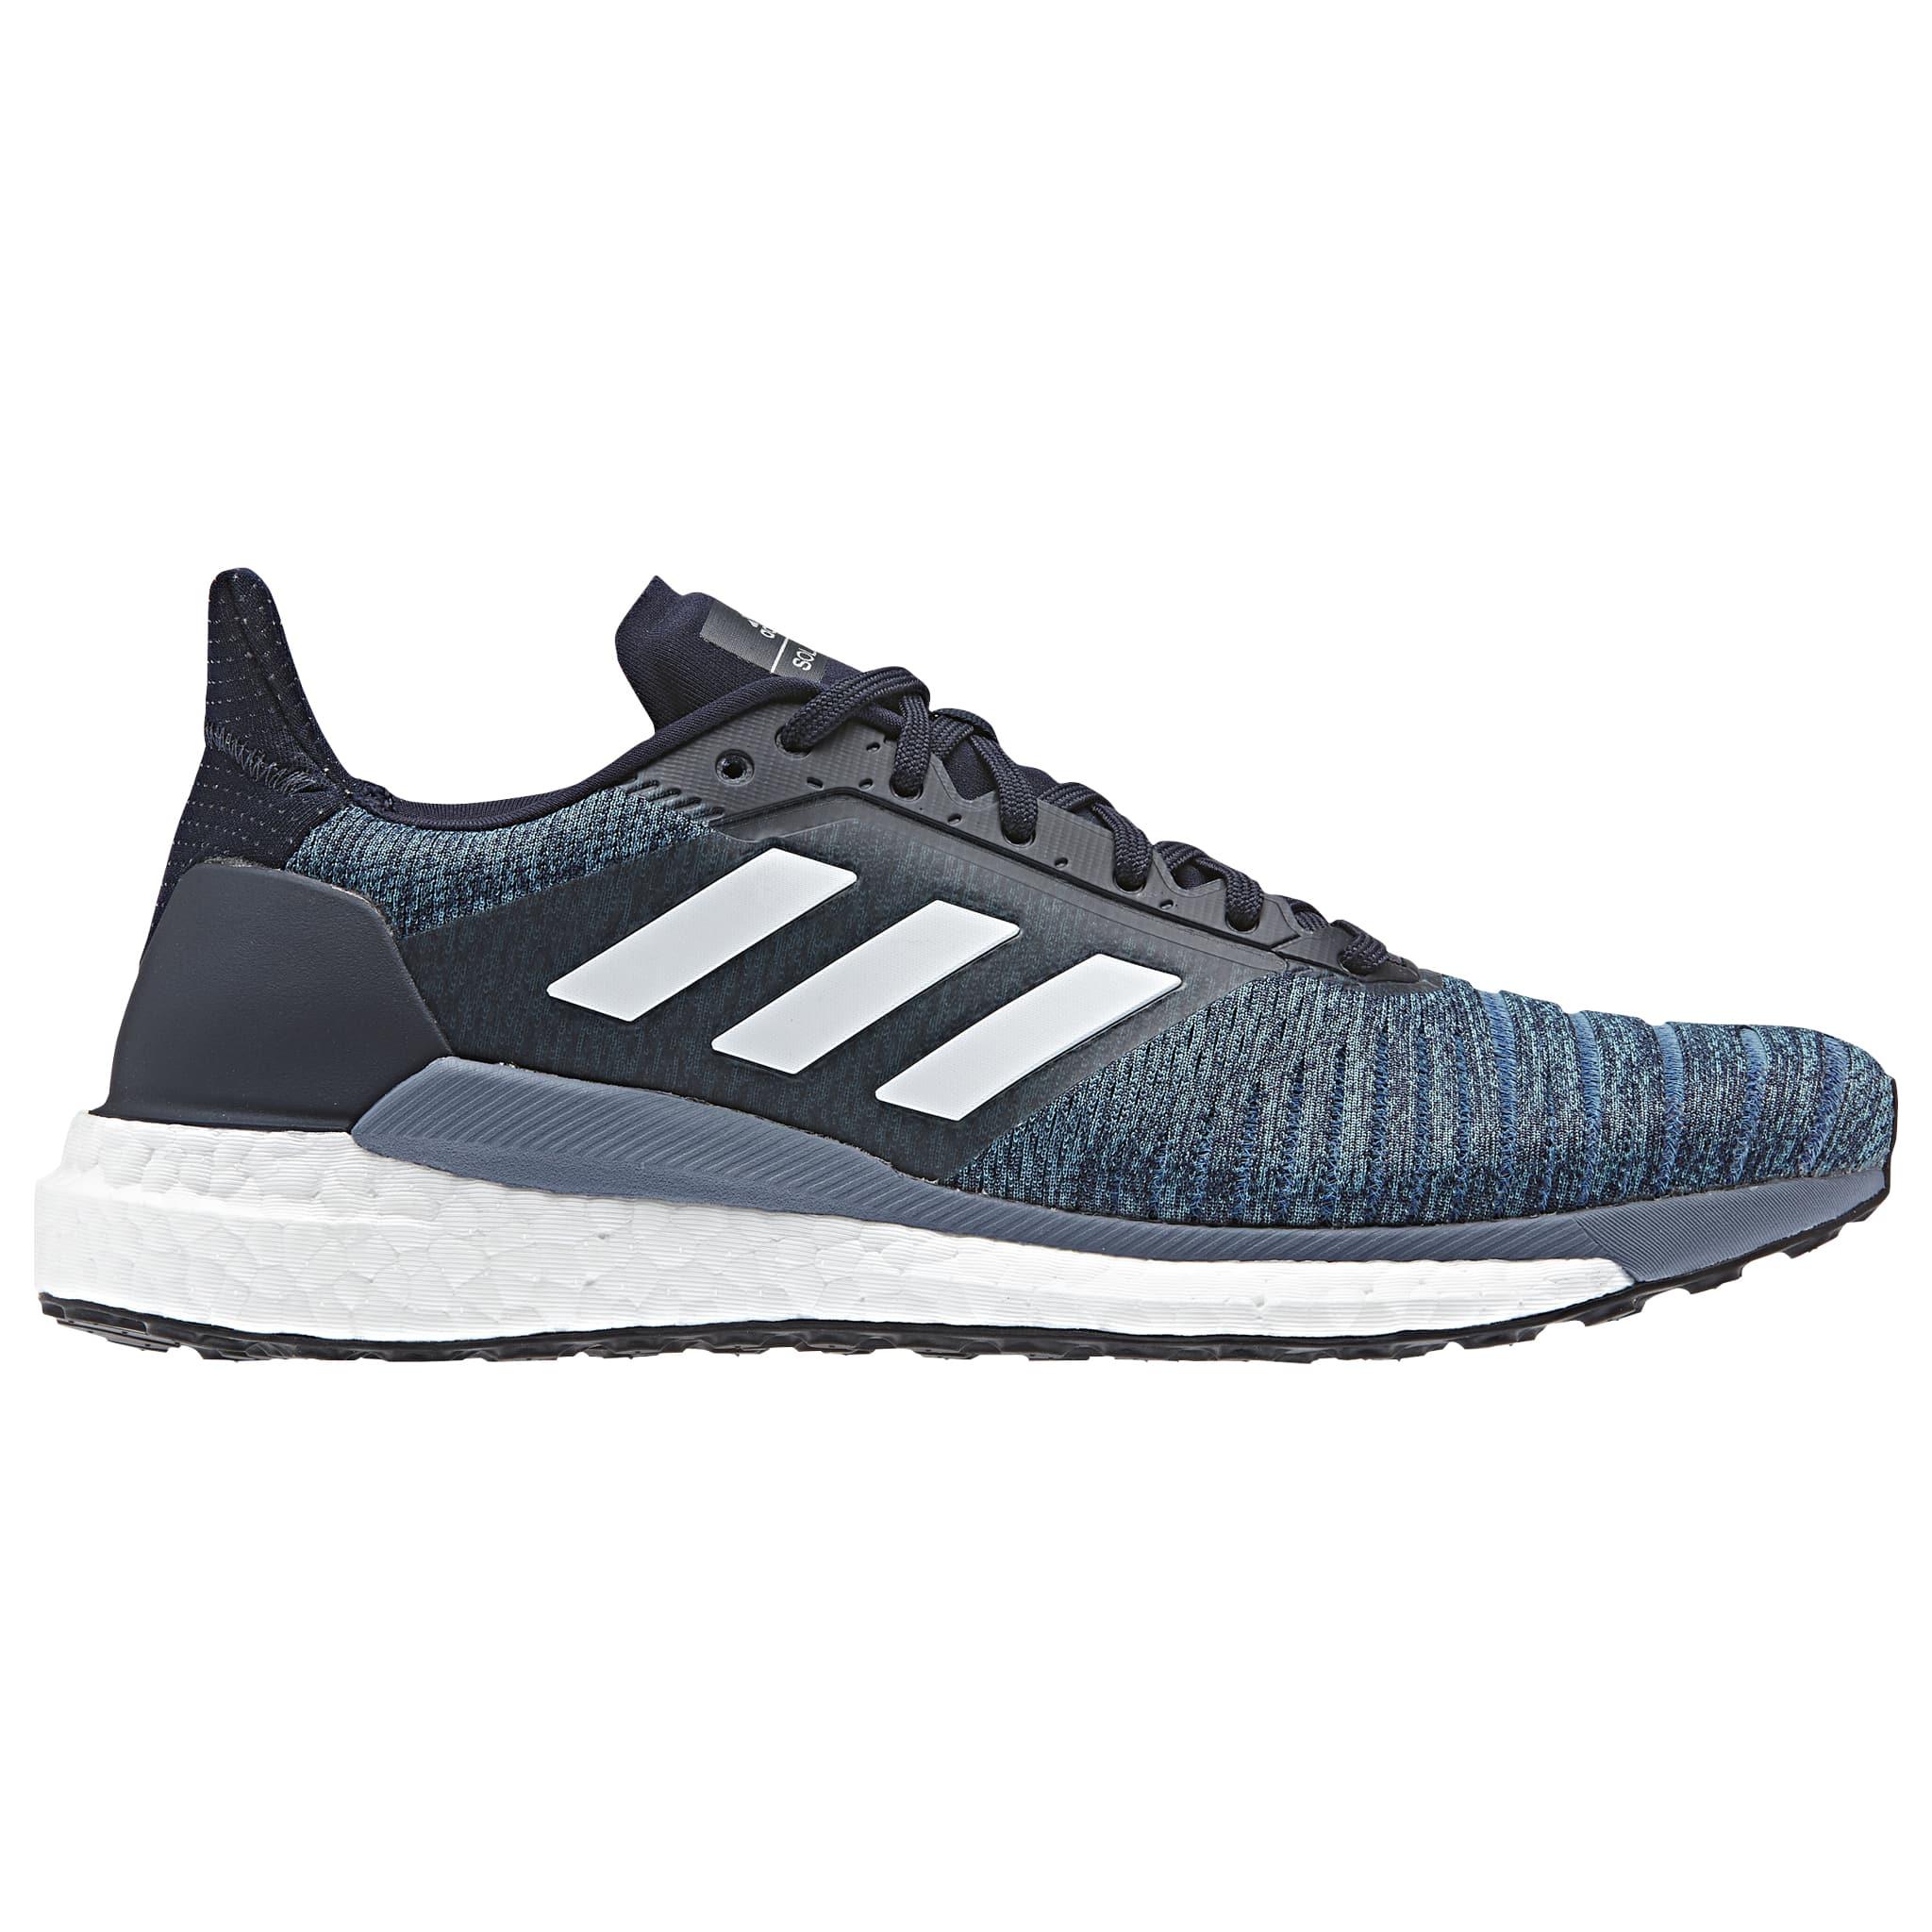 Nøytrale sko for langdistanseløperen